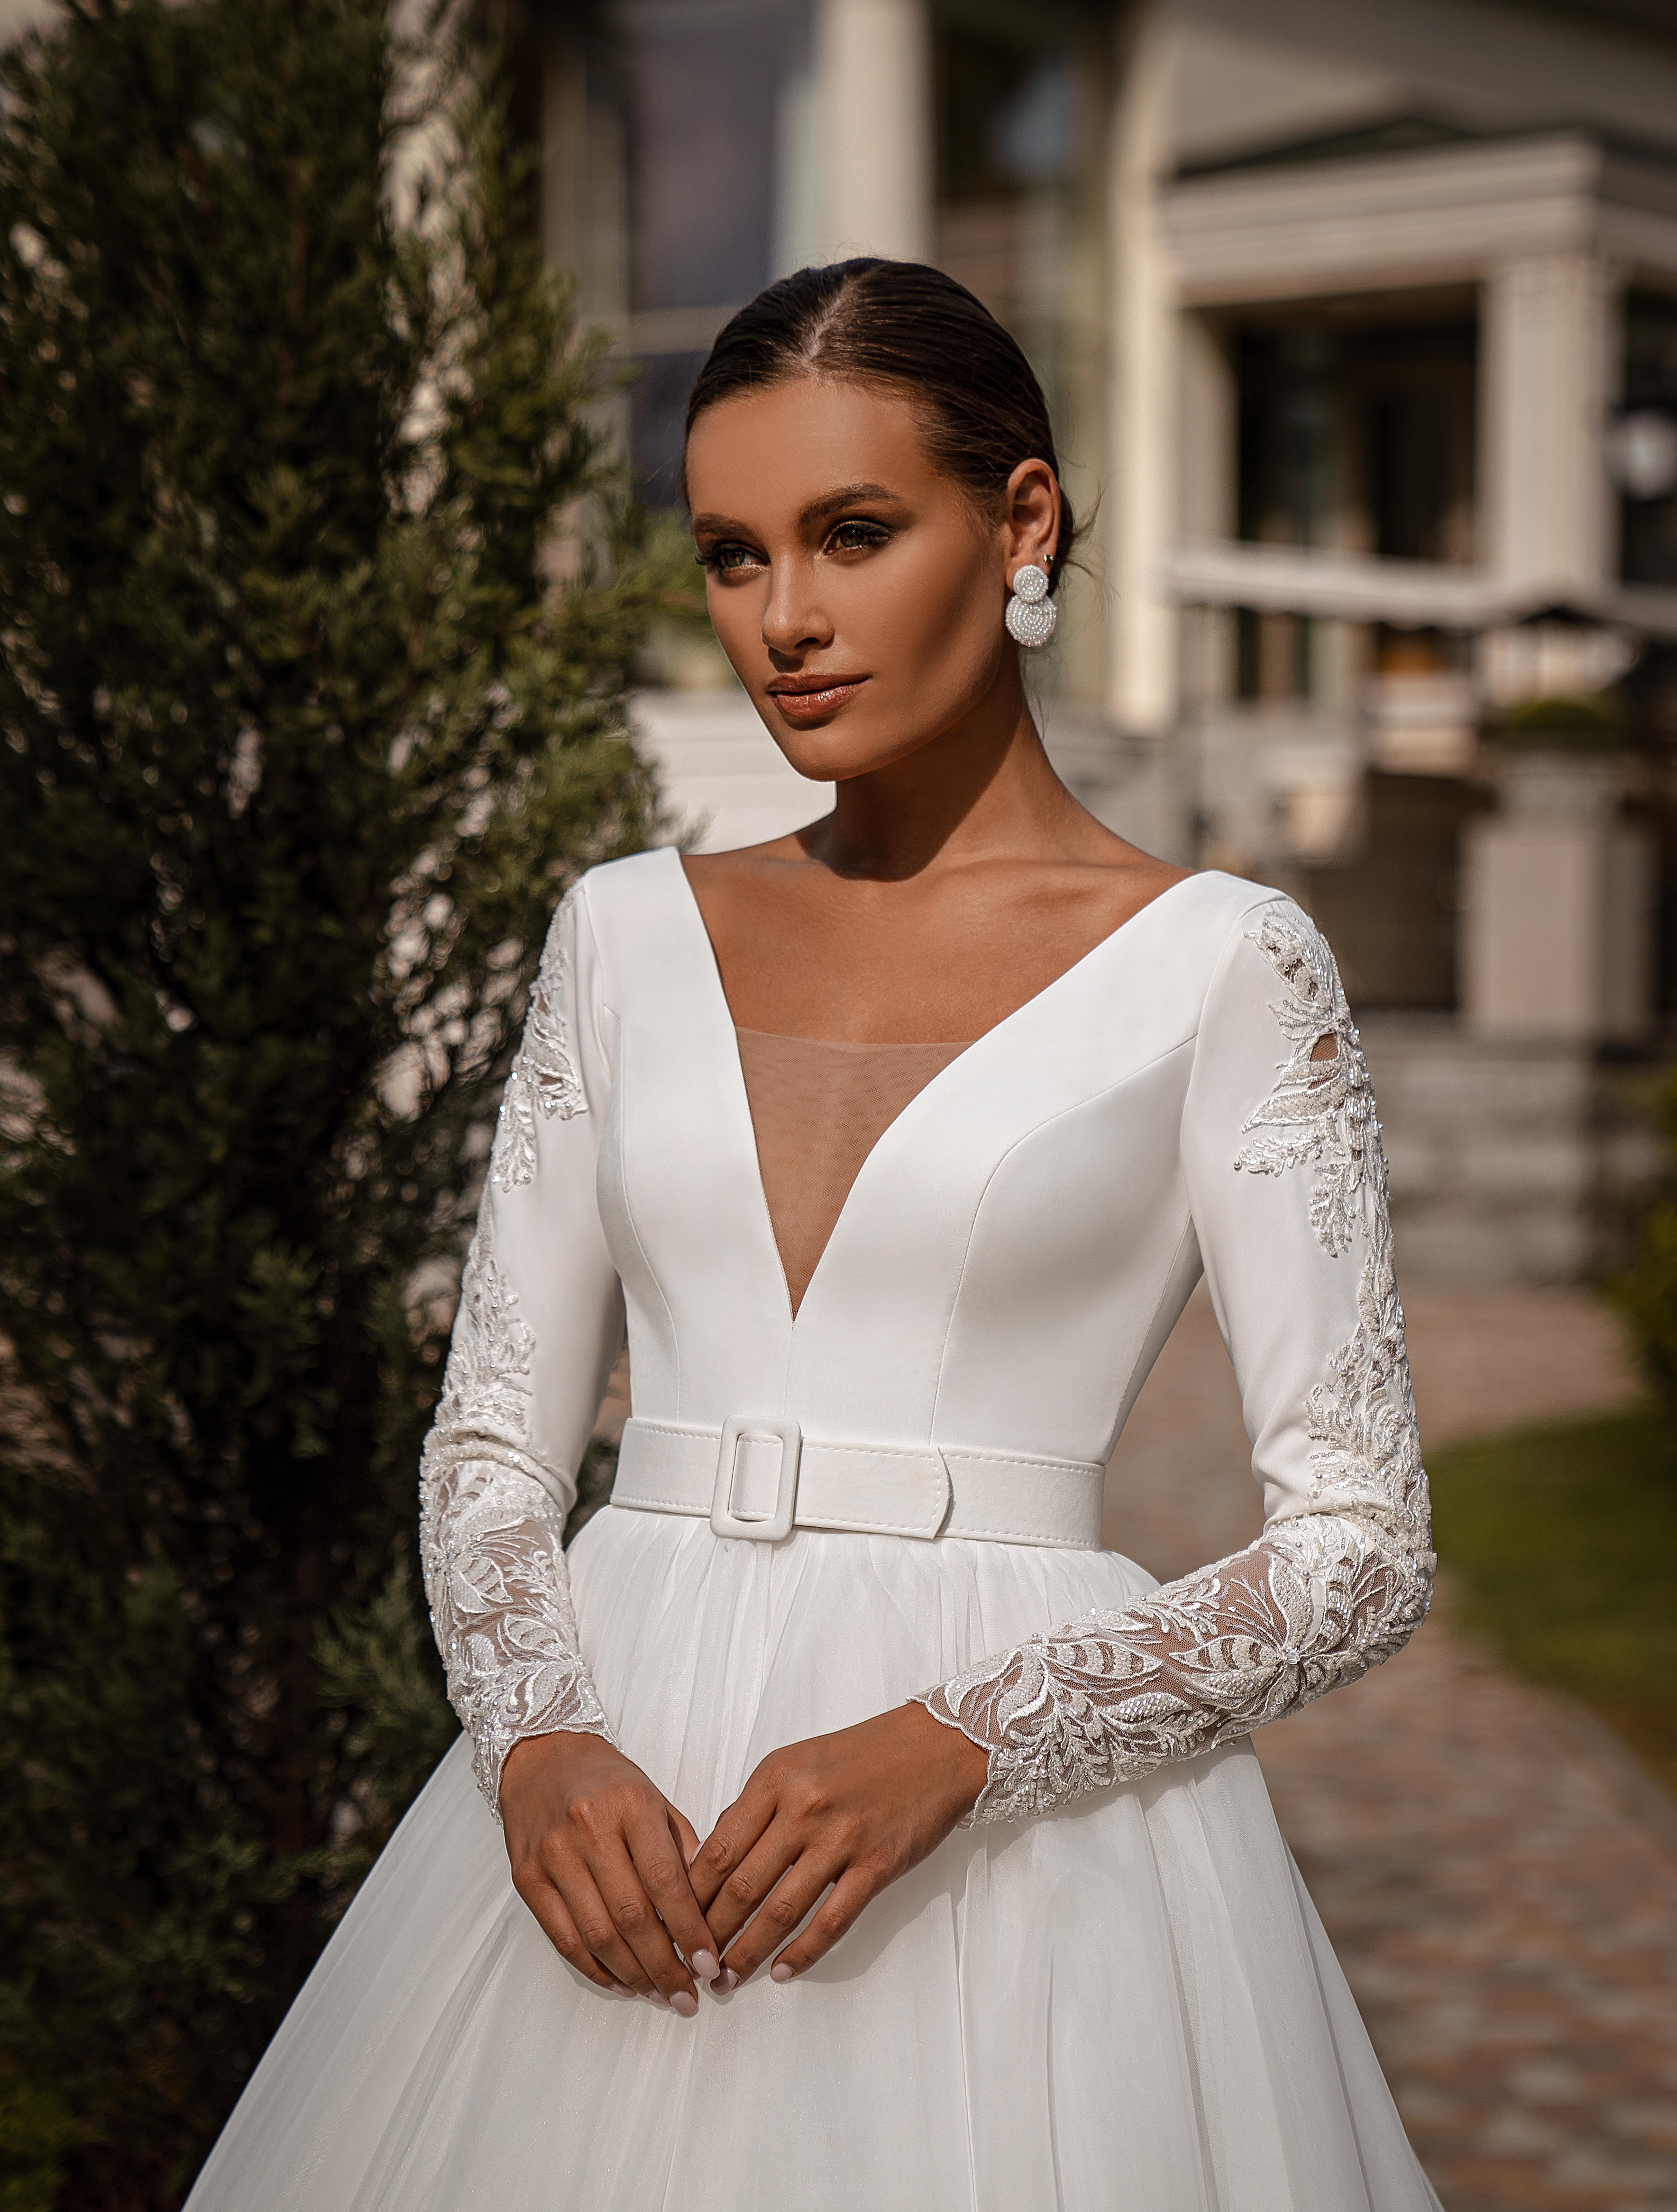 Bесільна сукня з довгими рукавами-1